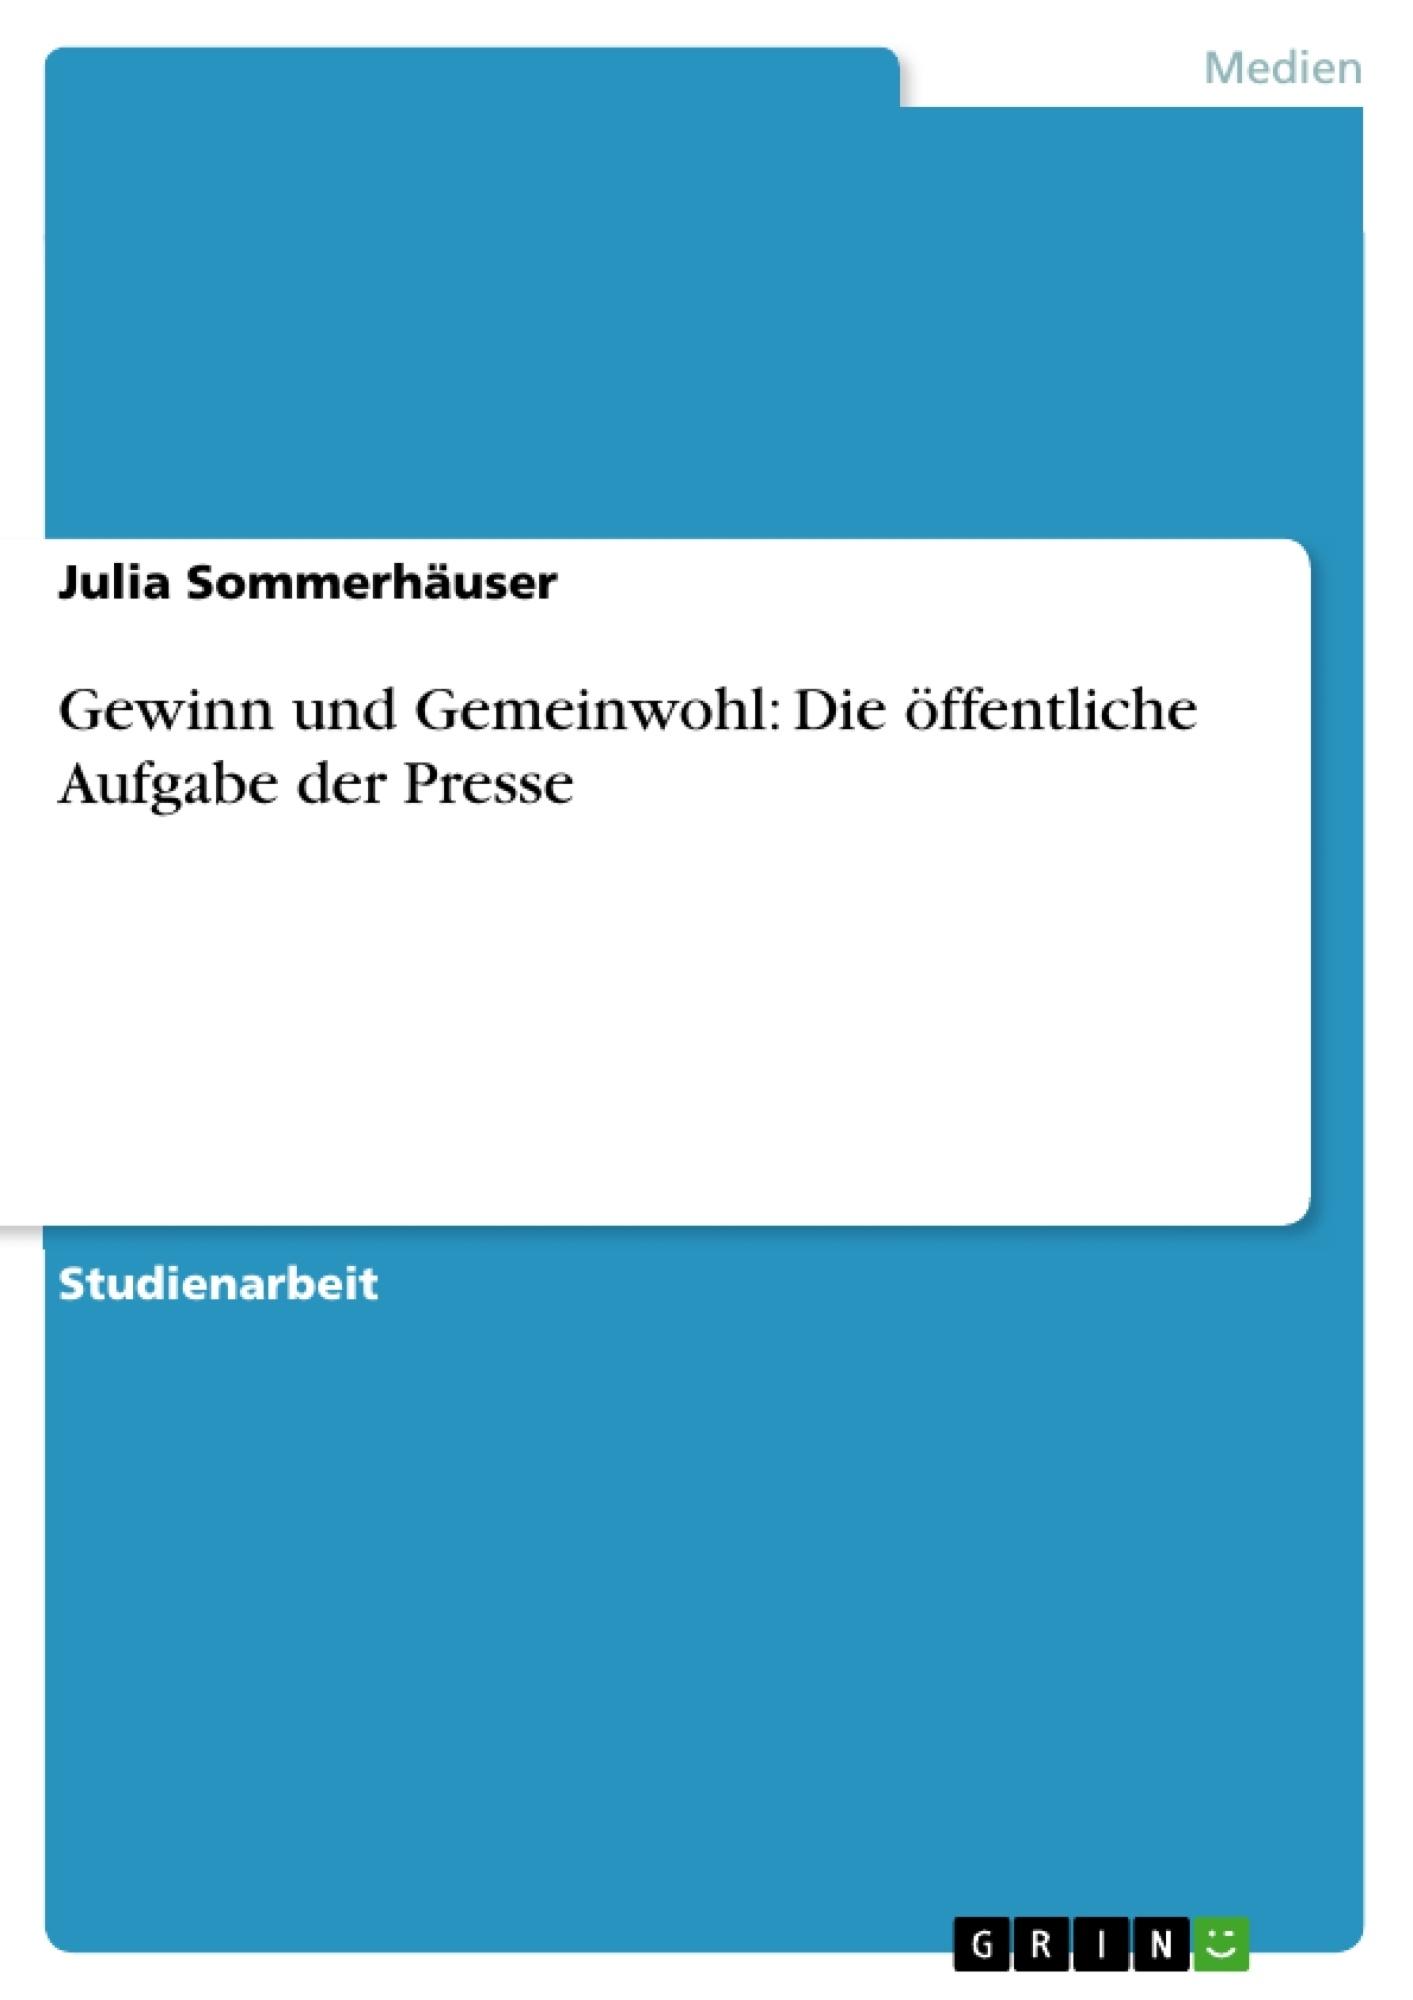 Titel: Gewinn und Gemeinwohl: Die öffentliche Aufgabe der Presse